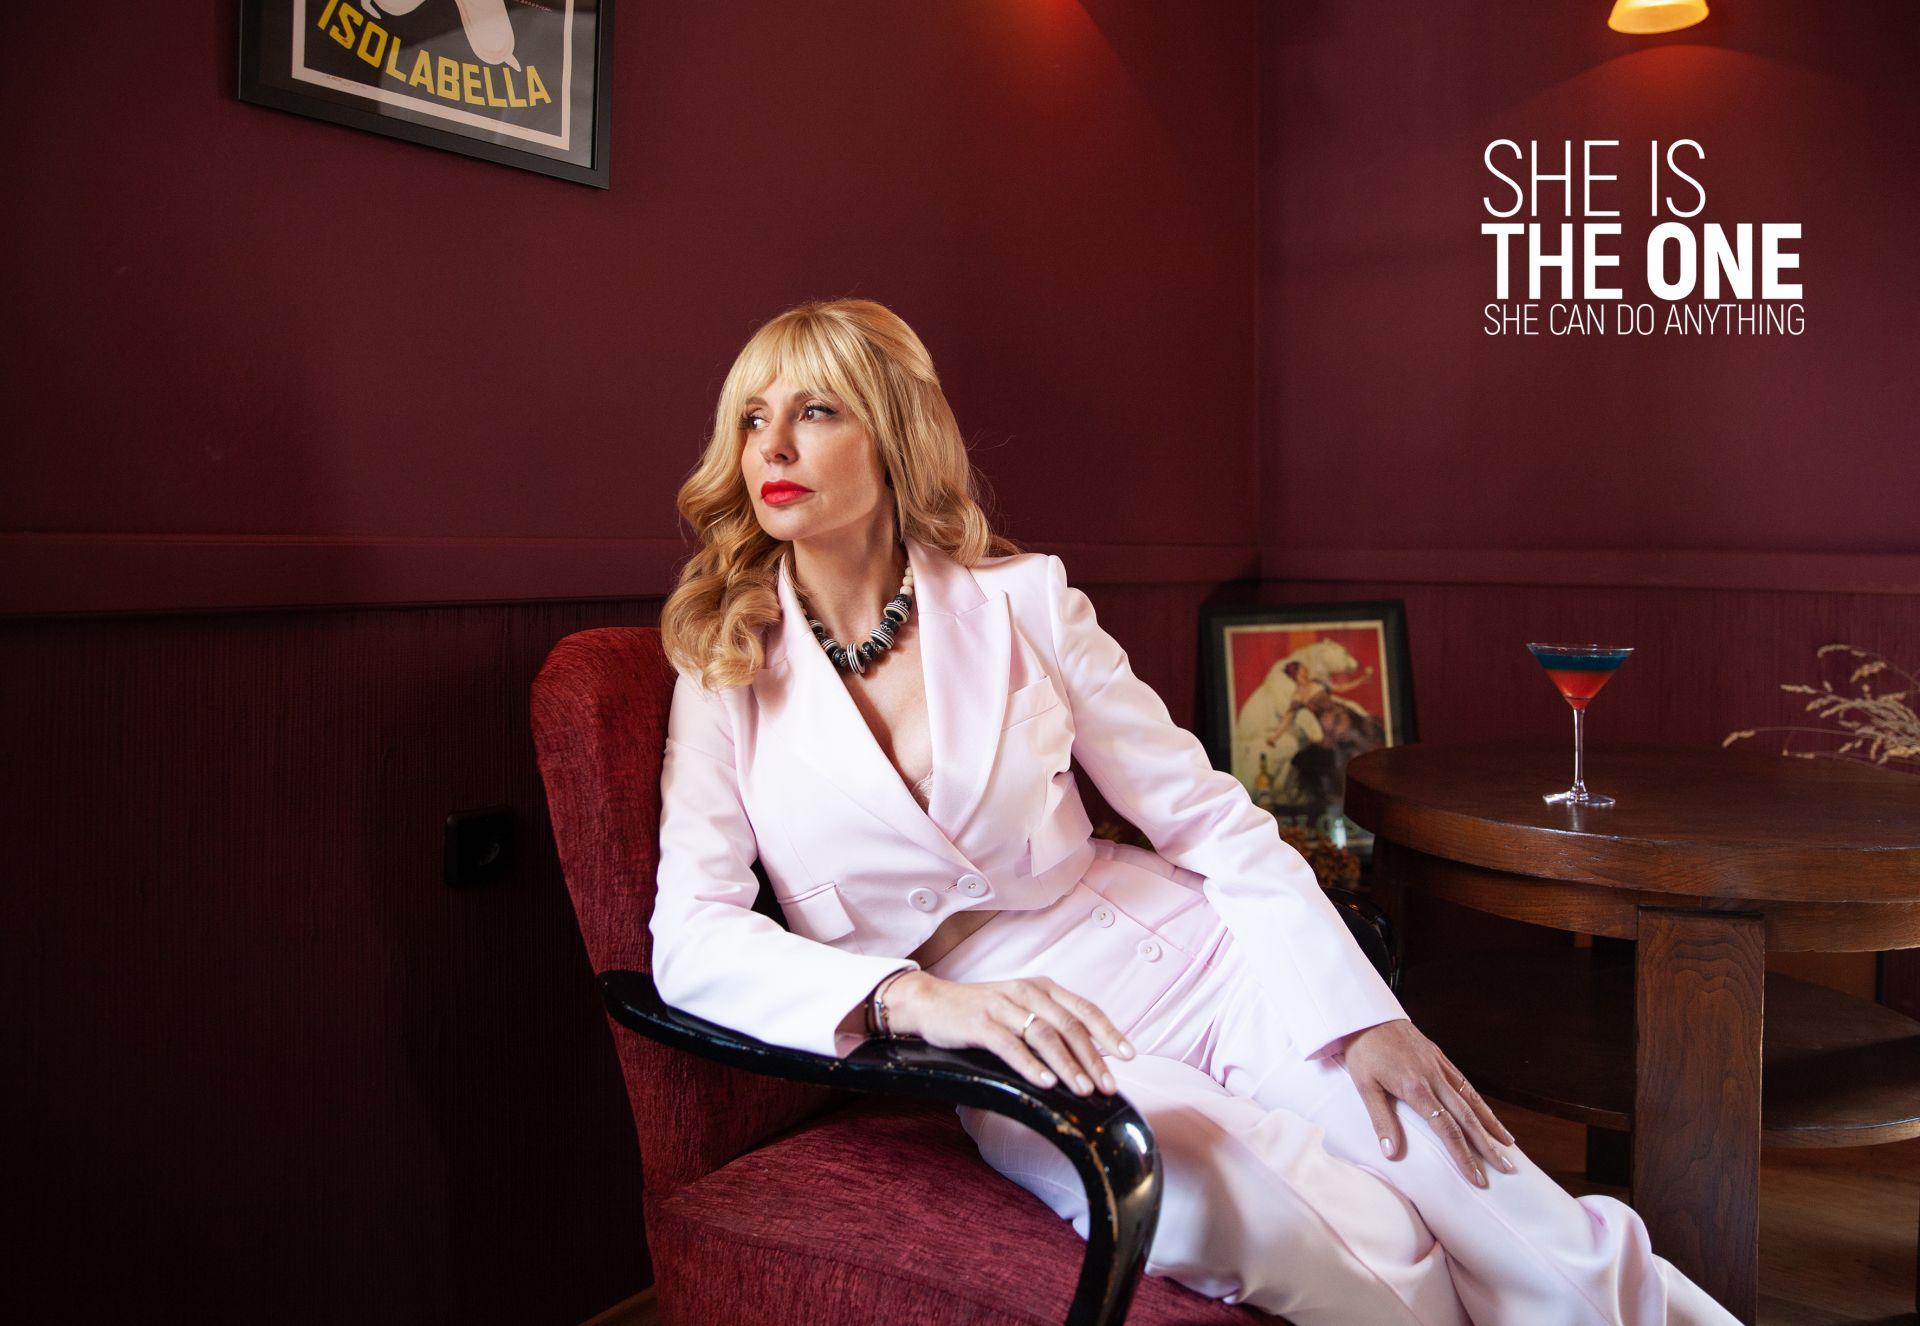 Във втората визия виждаме Стефания в елегантен стил, повлиян от Жаклин Кенеди на характерния много висок тънък ток и в костюм с двуредно закопчаване и късо сако – тенденция, която влиза в женския гардероб през 60-те години. Гардероб: Kостюм - Patrizia PEPE// Oбувки от Scandal- Guess// Бижута- личен архив